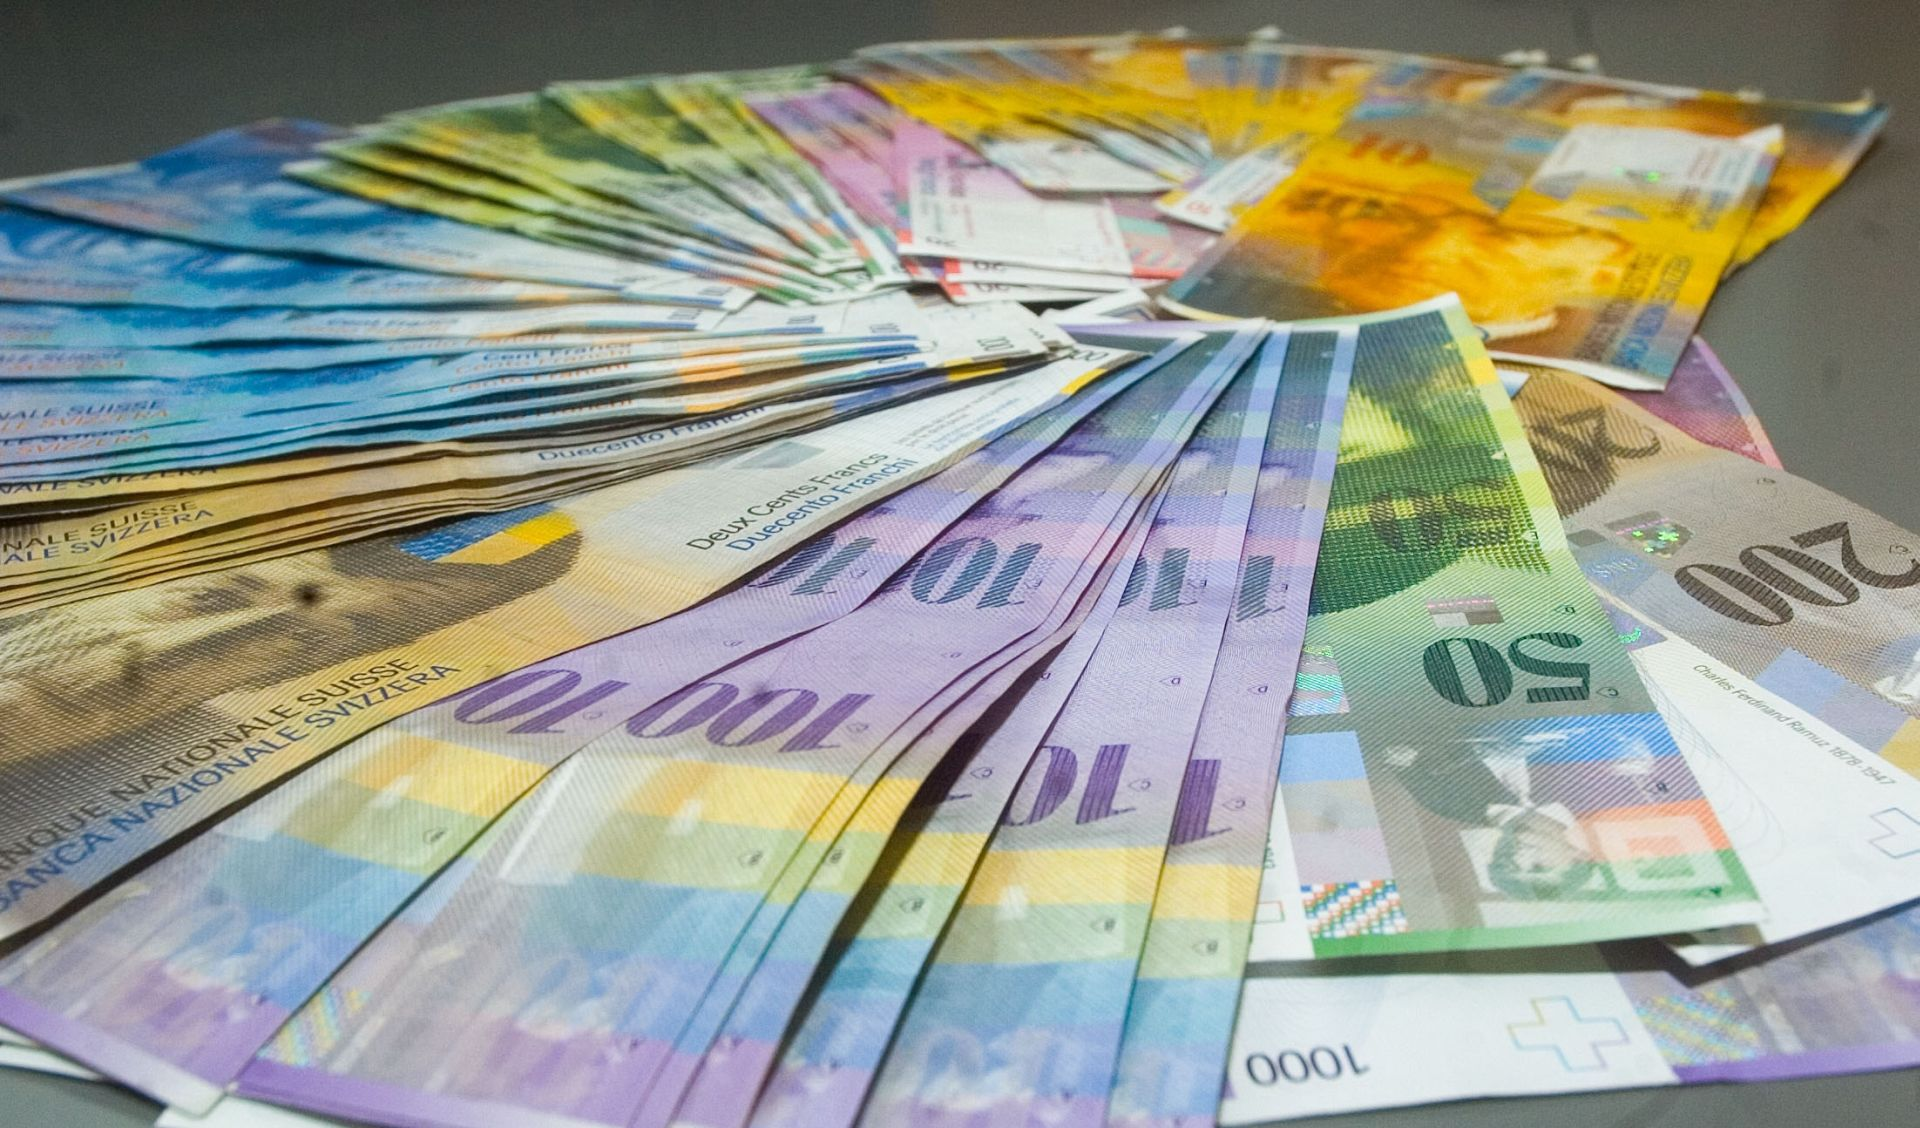 Vlada priprema rješenje za kredite u 'švicarcima'